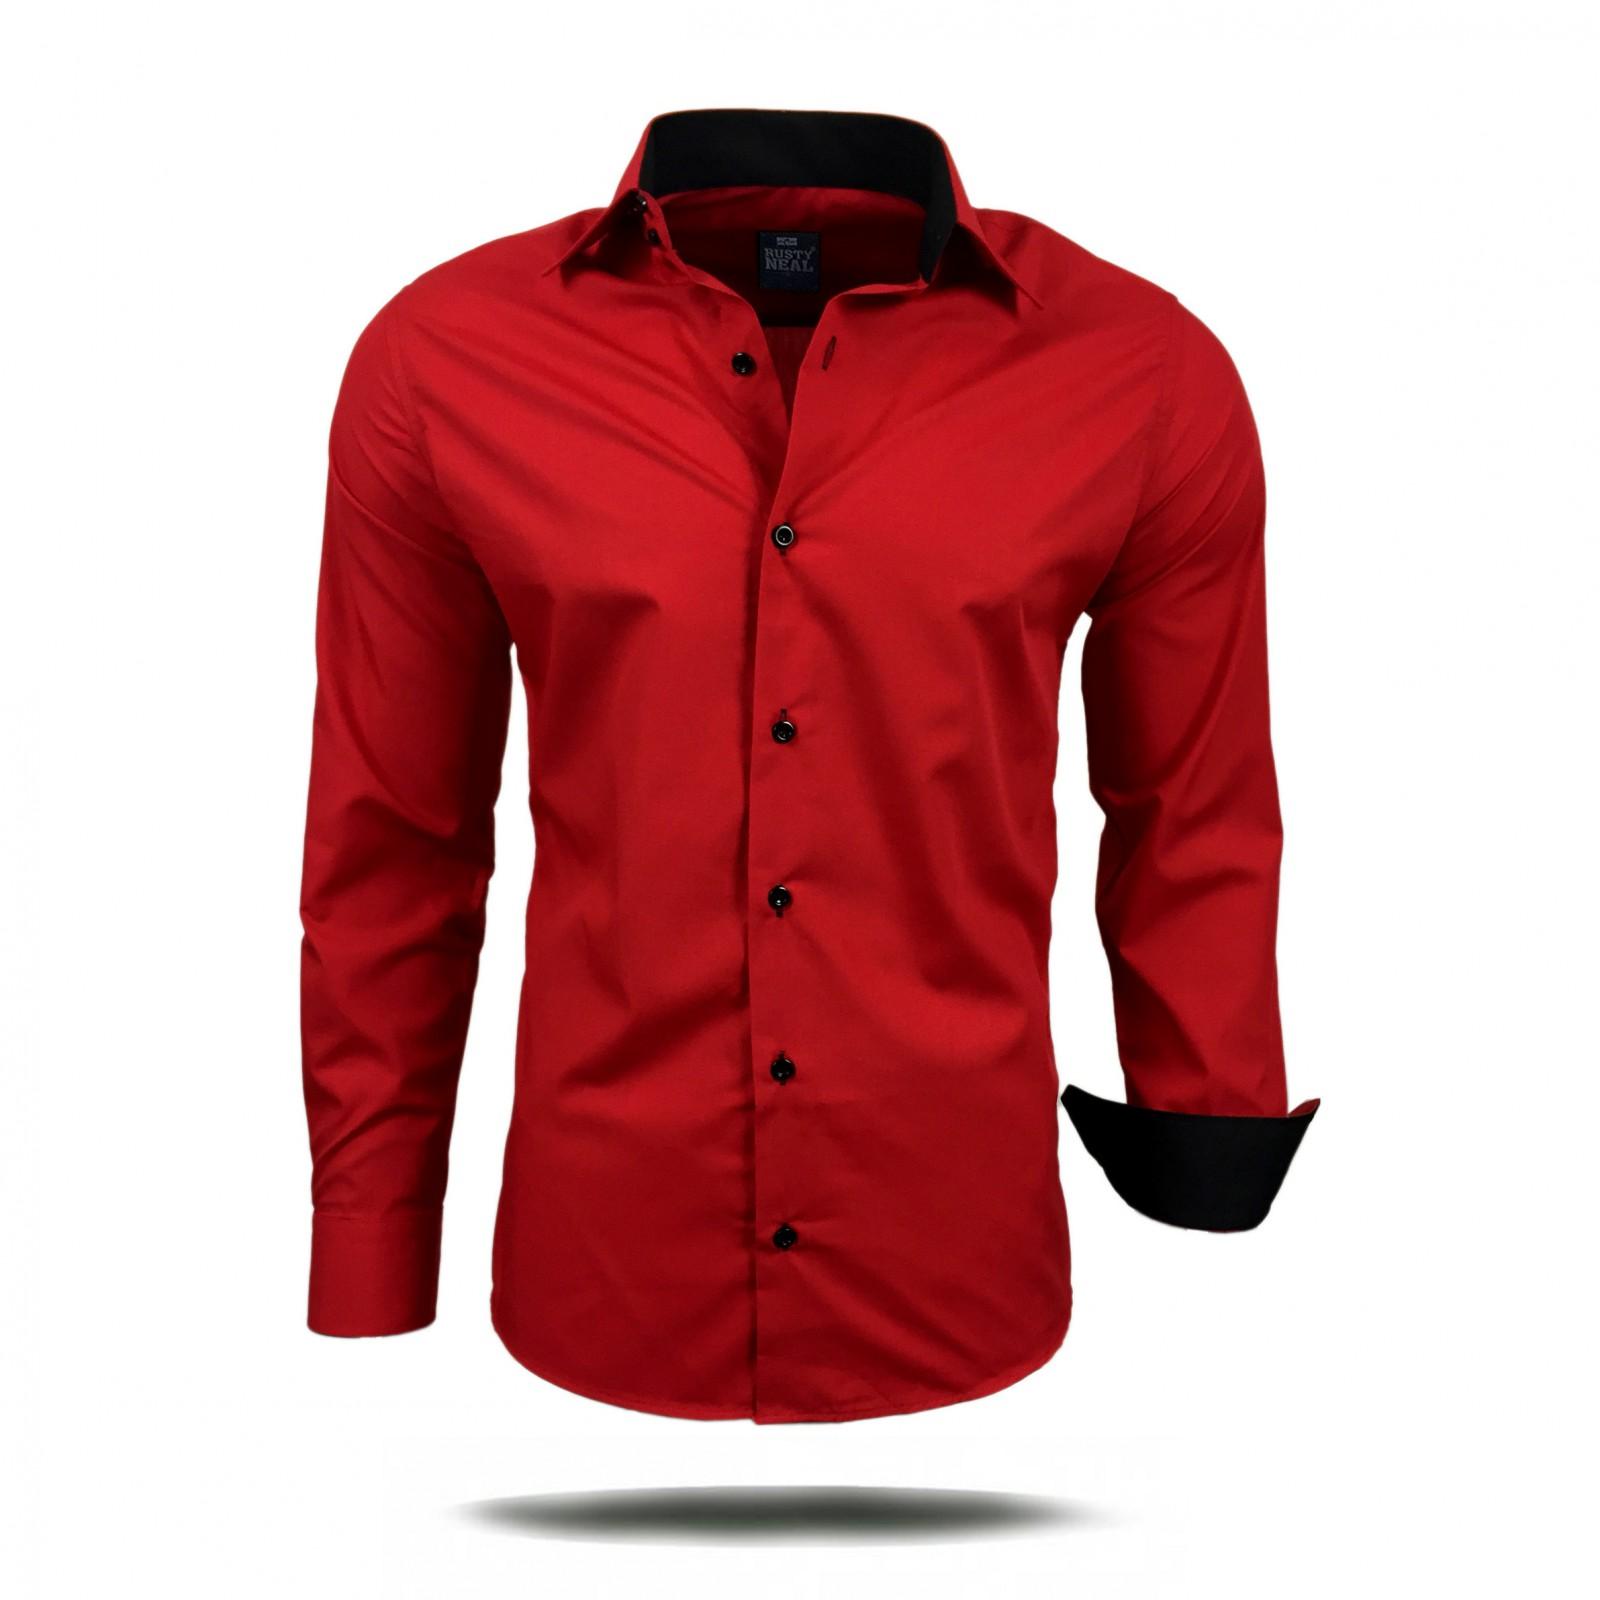 herren hemd hemden business hochzeit freizeit slim fit. Black Bedroom Furniture Sets. Home Design Ideas